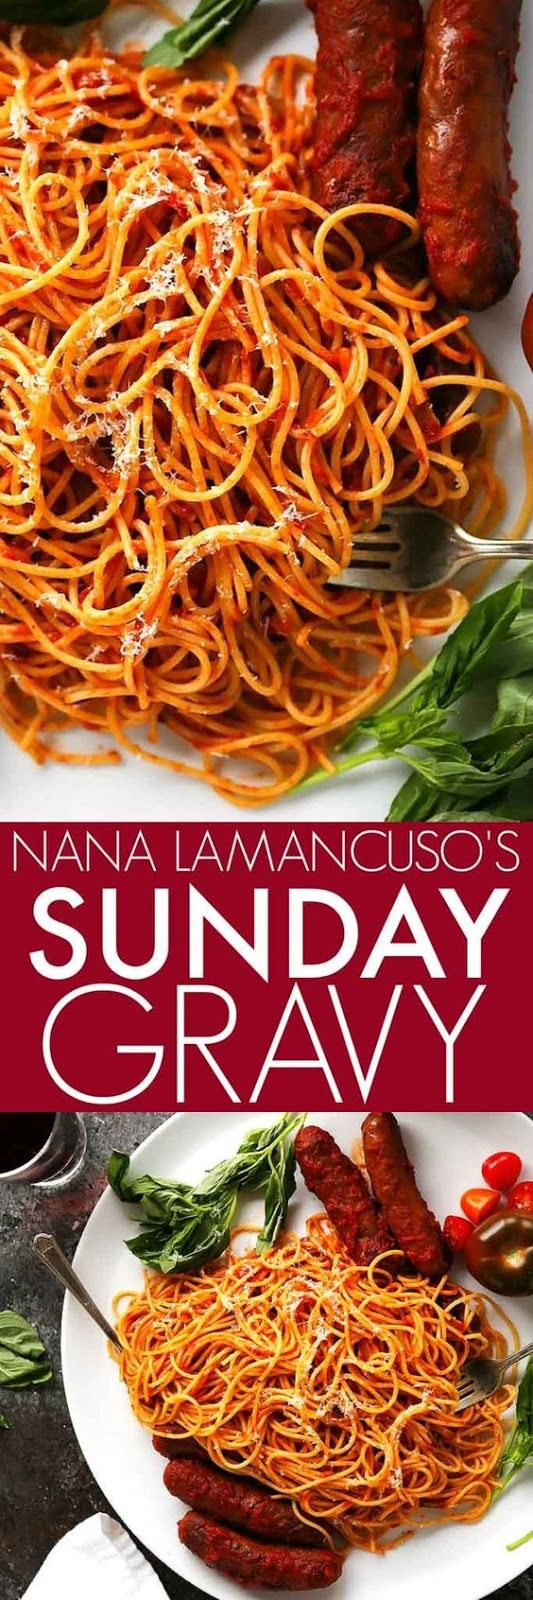 AUTHENTIC ITALIAN SUNDAY GRAVY (NANA'S MEAT SAUCE) | Food And Cake Recipes